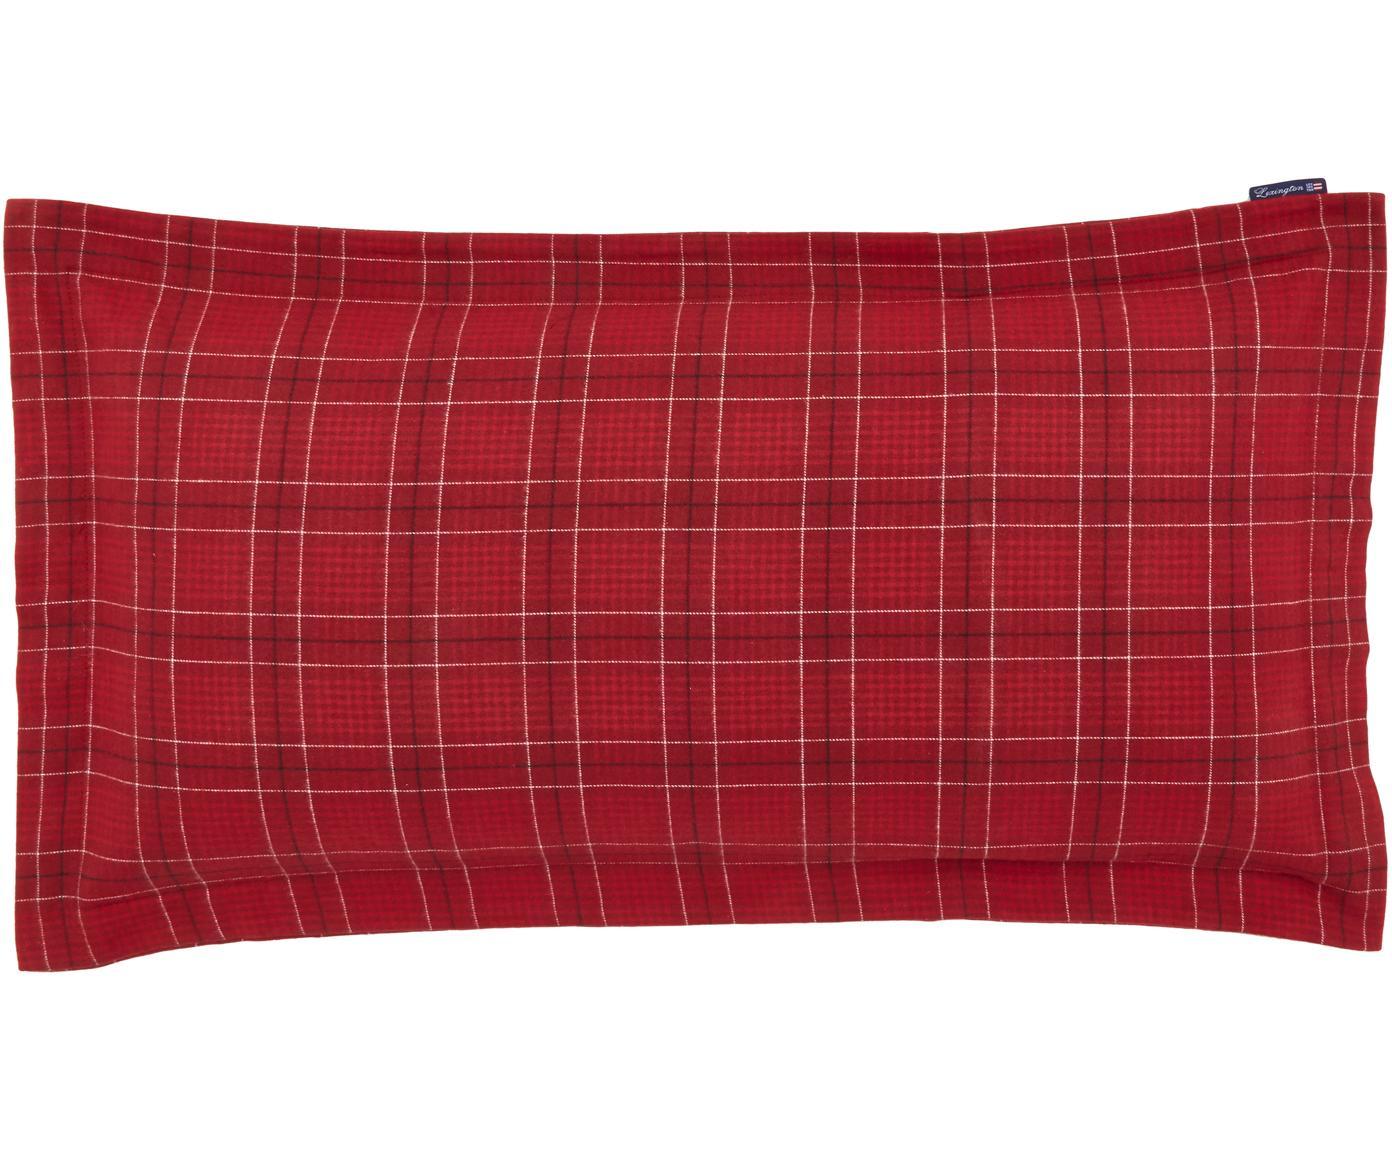 Poszewka na poduszkę Checked, Bawełna, Czerwony, biały, czarny, S 40 x D 80 cm